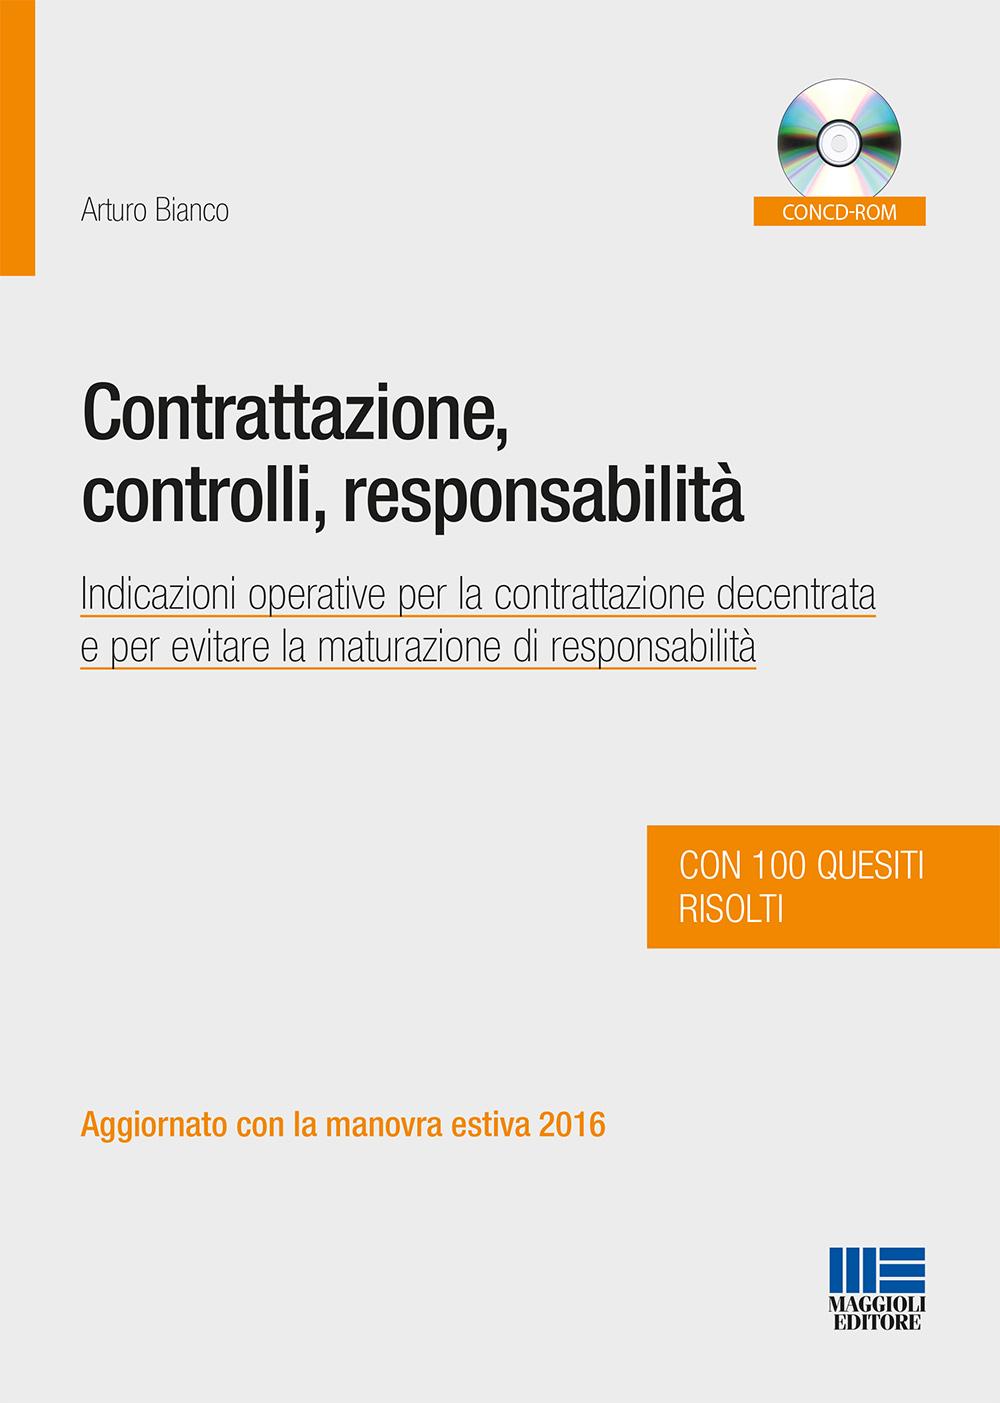 Contrattazione, controlli, responsabilit�